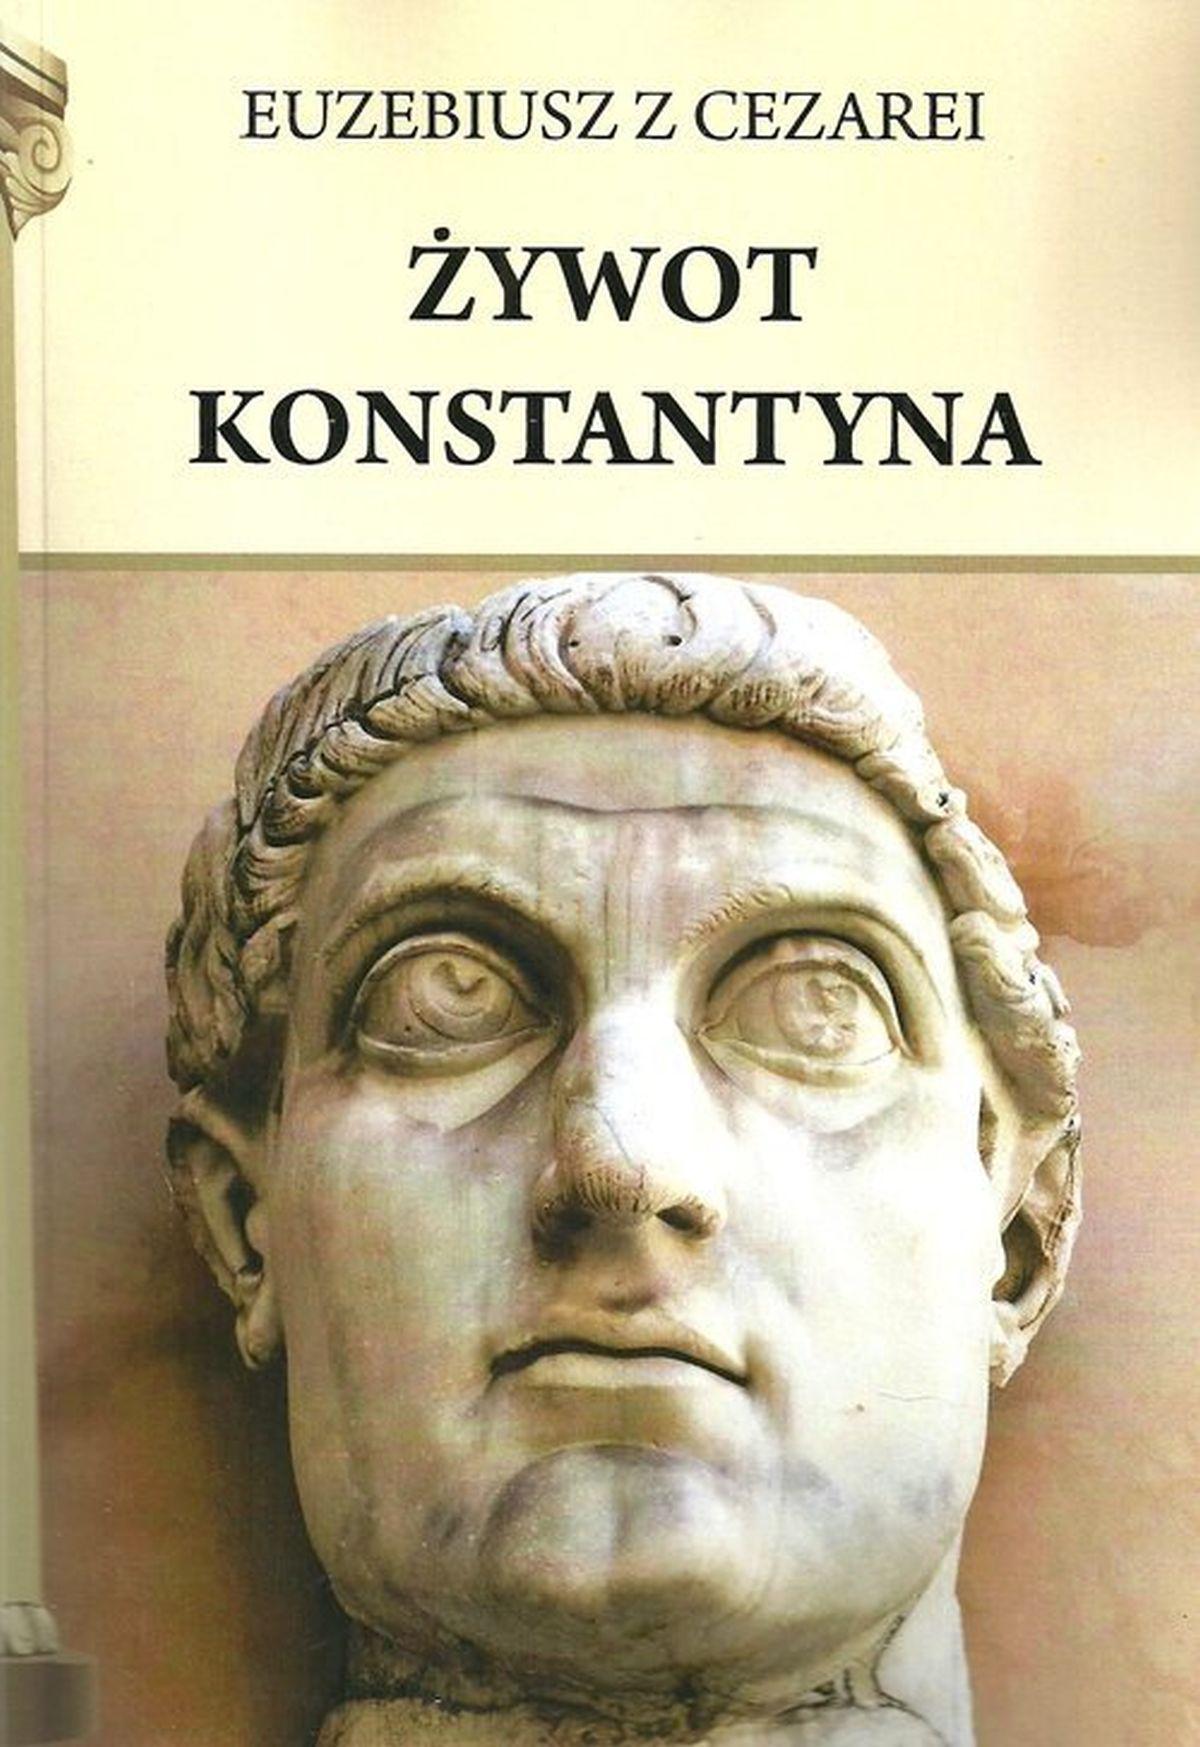 Euzebiusz z Cezarei, Żywot Konstantyna